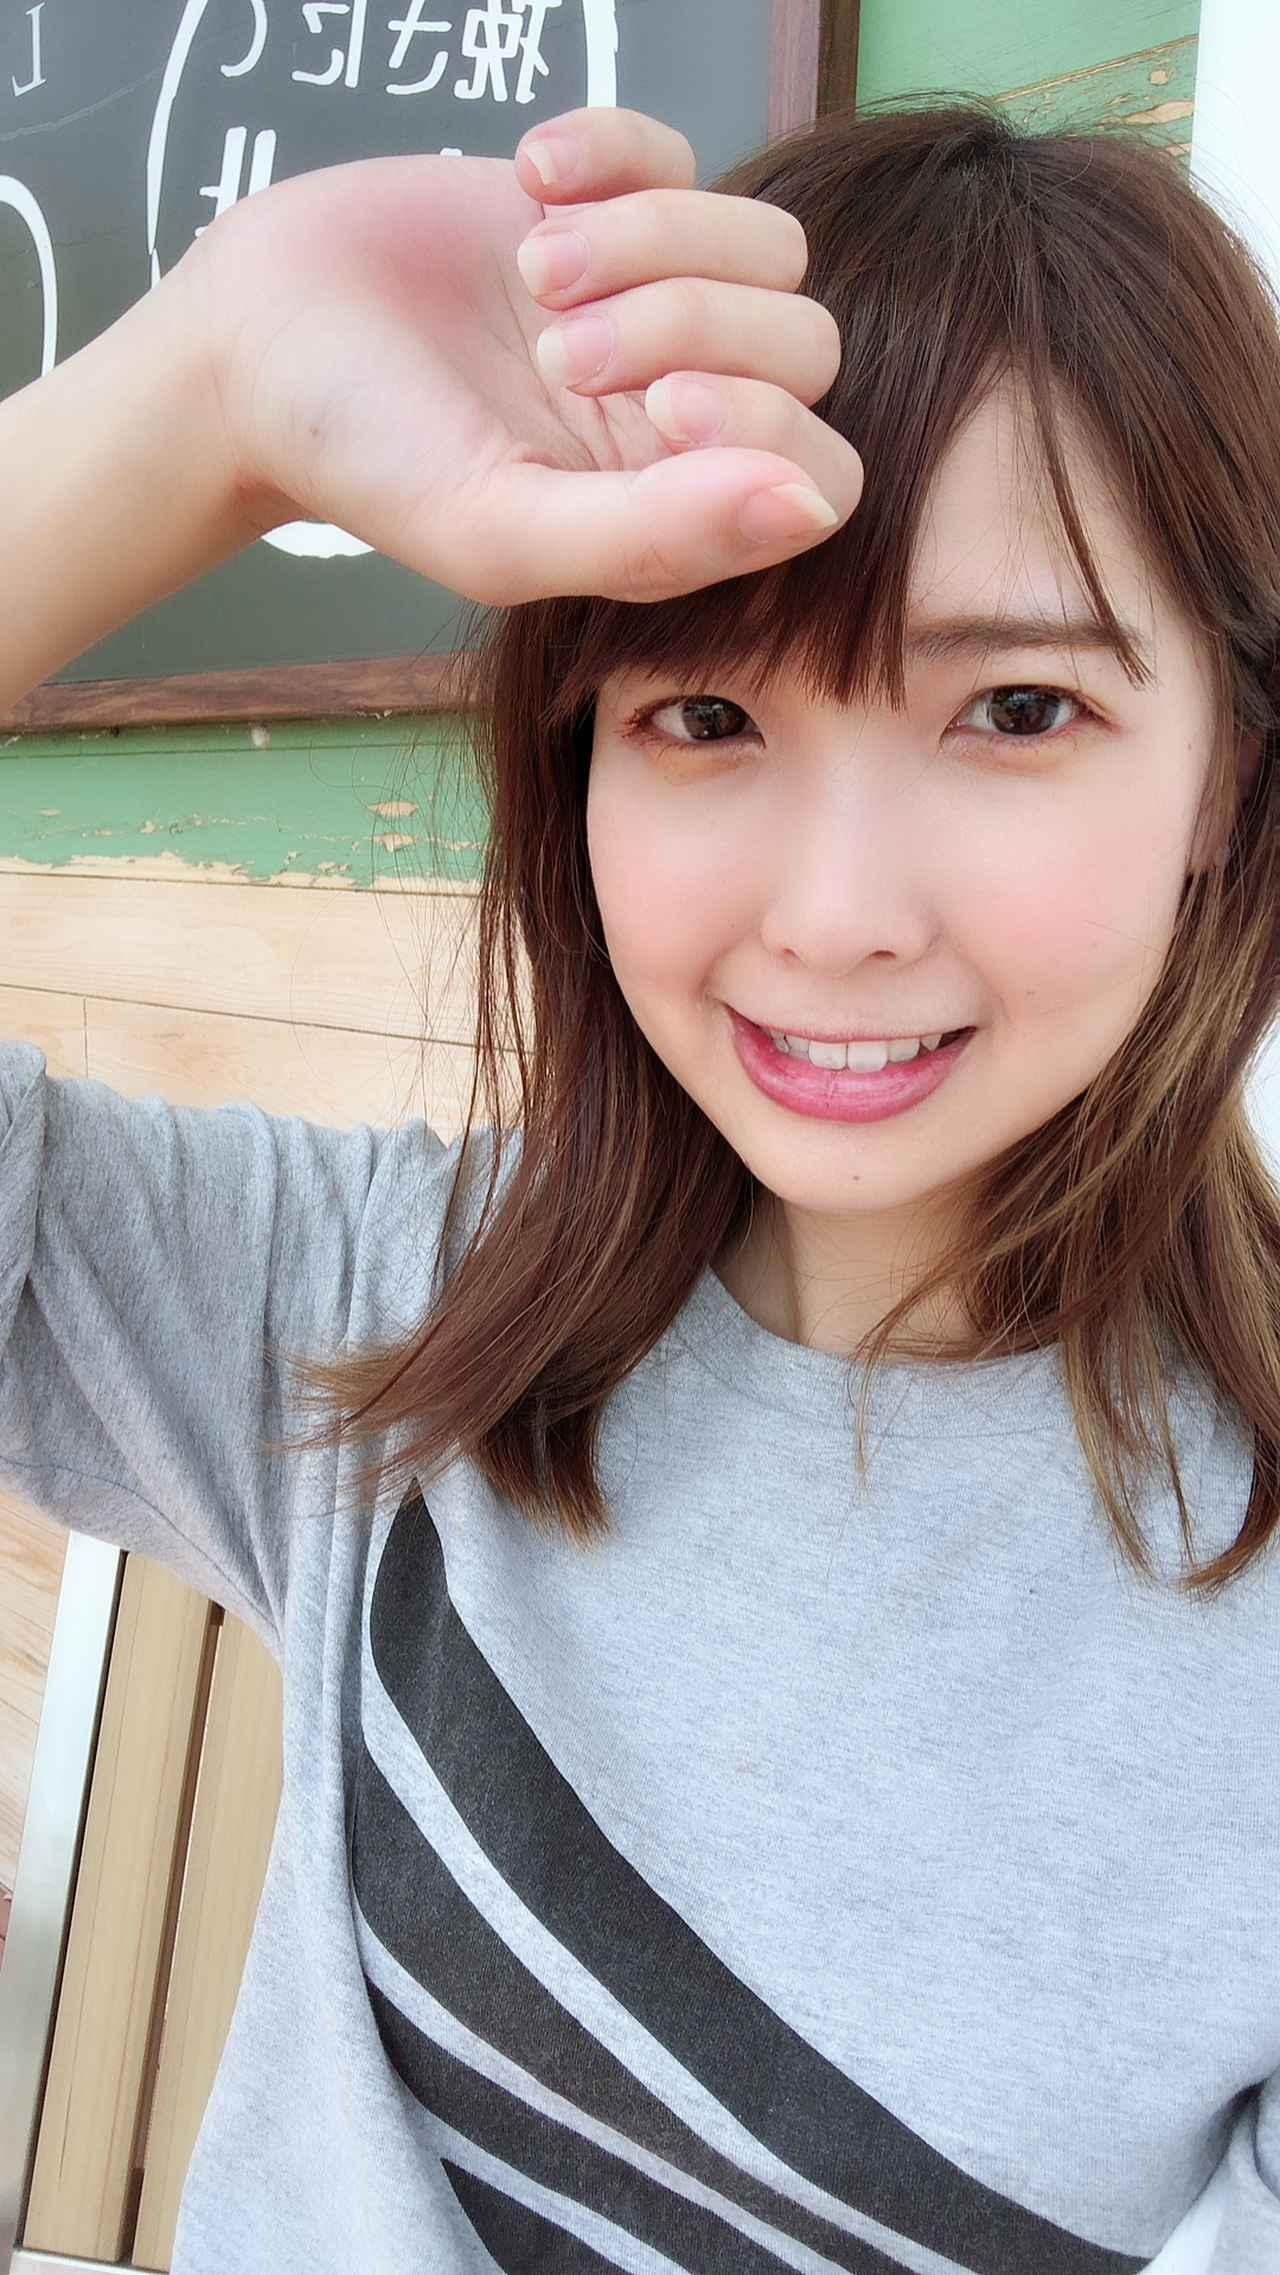 画像3: 西田望見の「休日おすそわけ」/ソフトクリーム編  『ソフトクリームがたべたいっっっ…!』